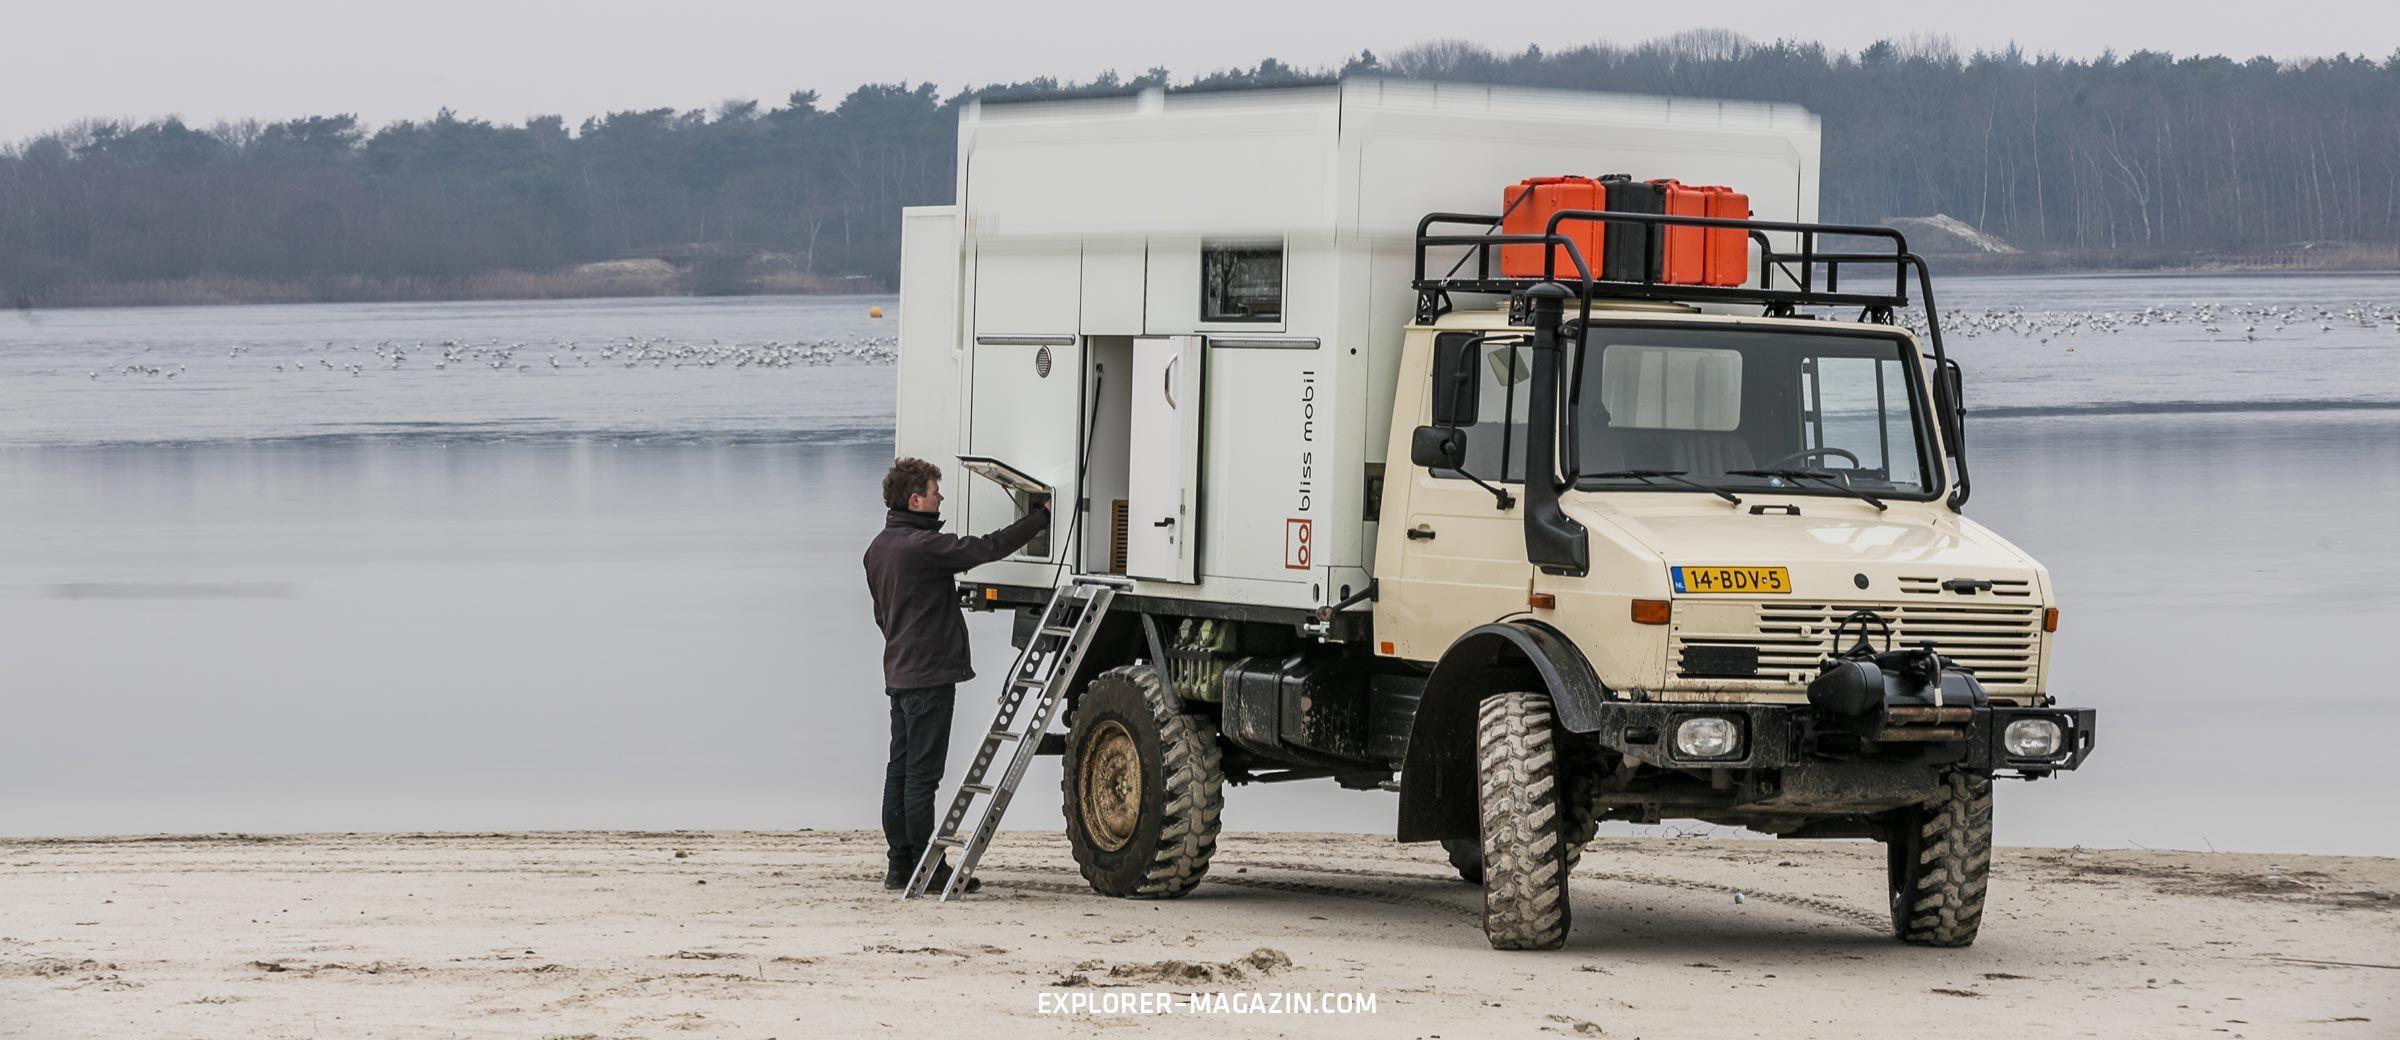 Hubdachkabine Auf Unimog Von Bliss Mobil Der Ausfuhrliche Test Expeditionsfahrzeug Fahrzeuge Wohnmobil